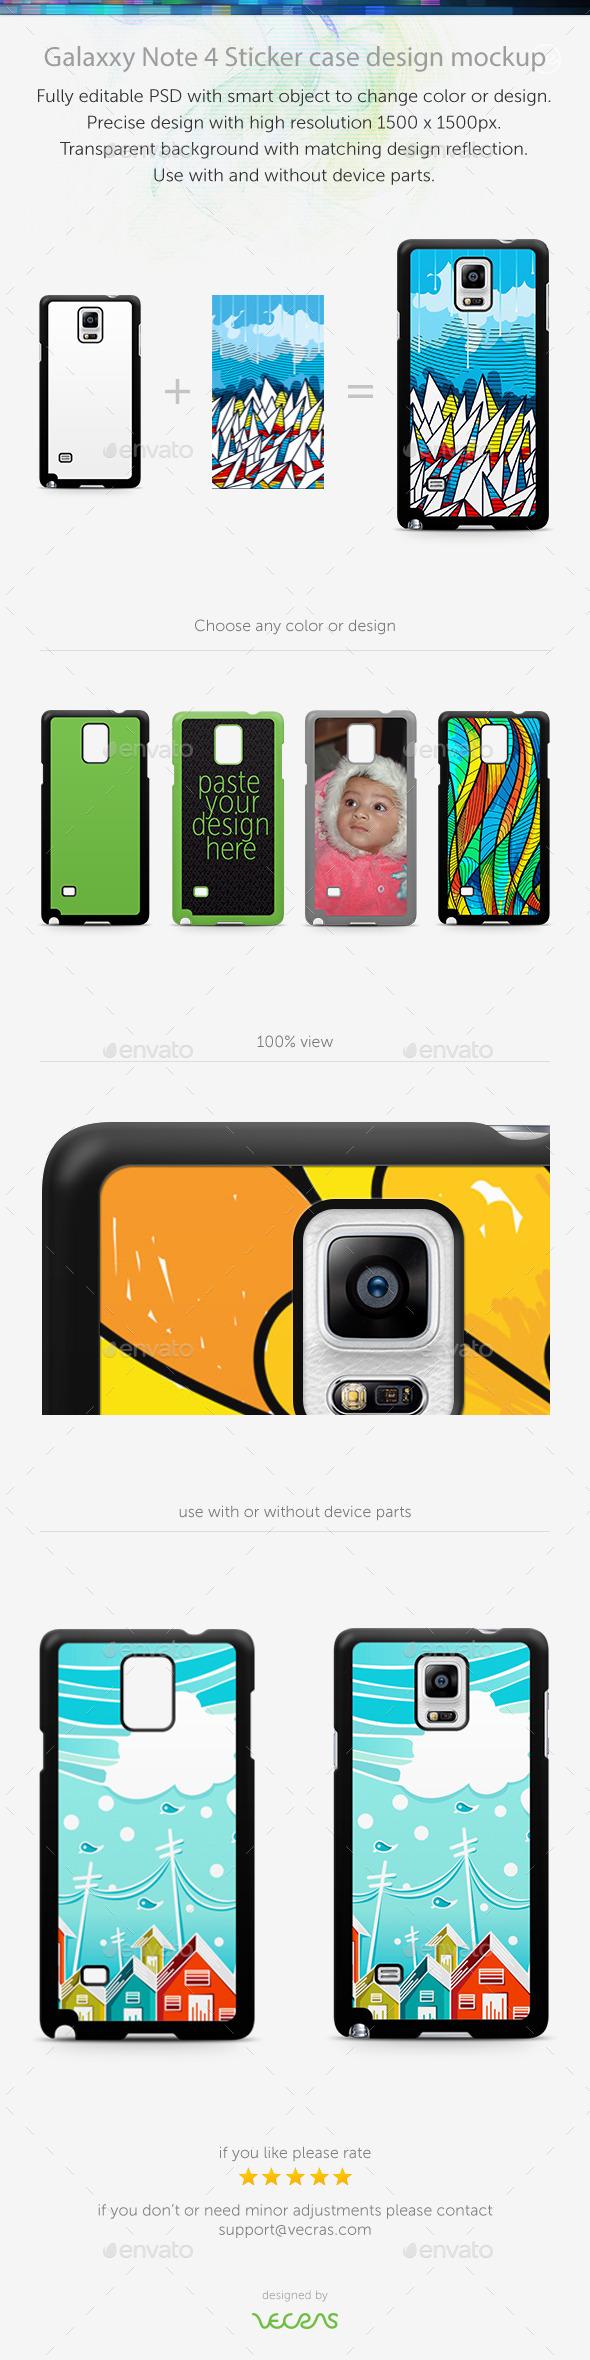 GraphicRiver Galaxxy Note 4 Sticker Case Design Mockup 10696046